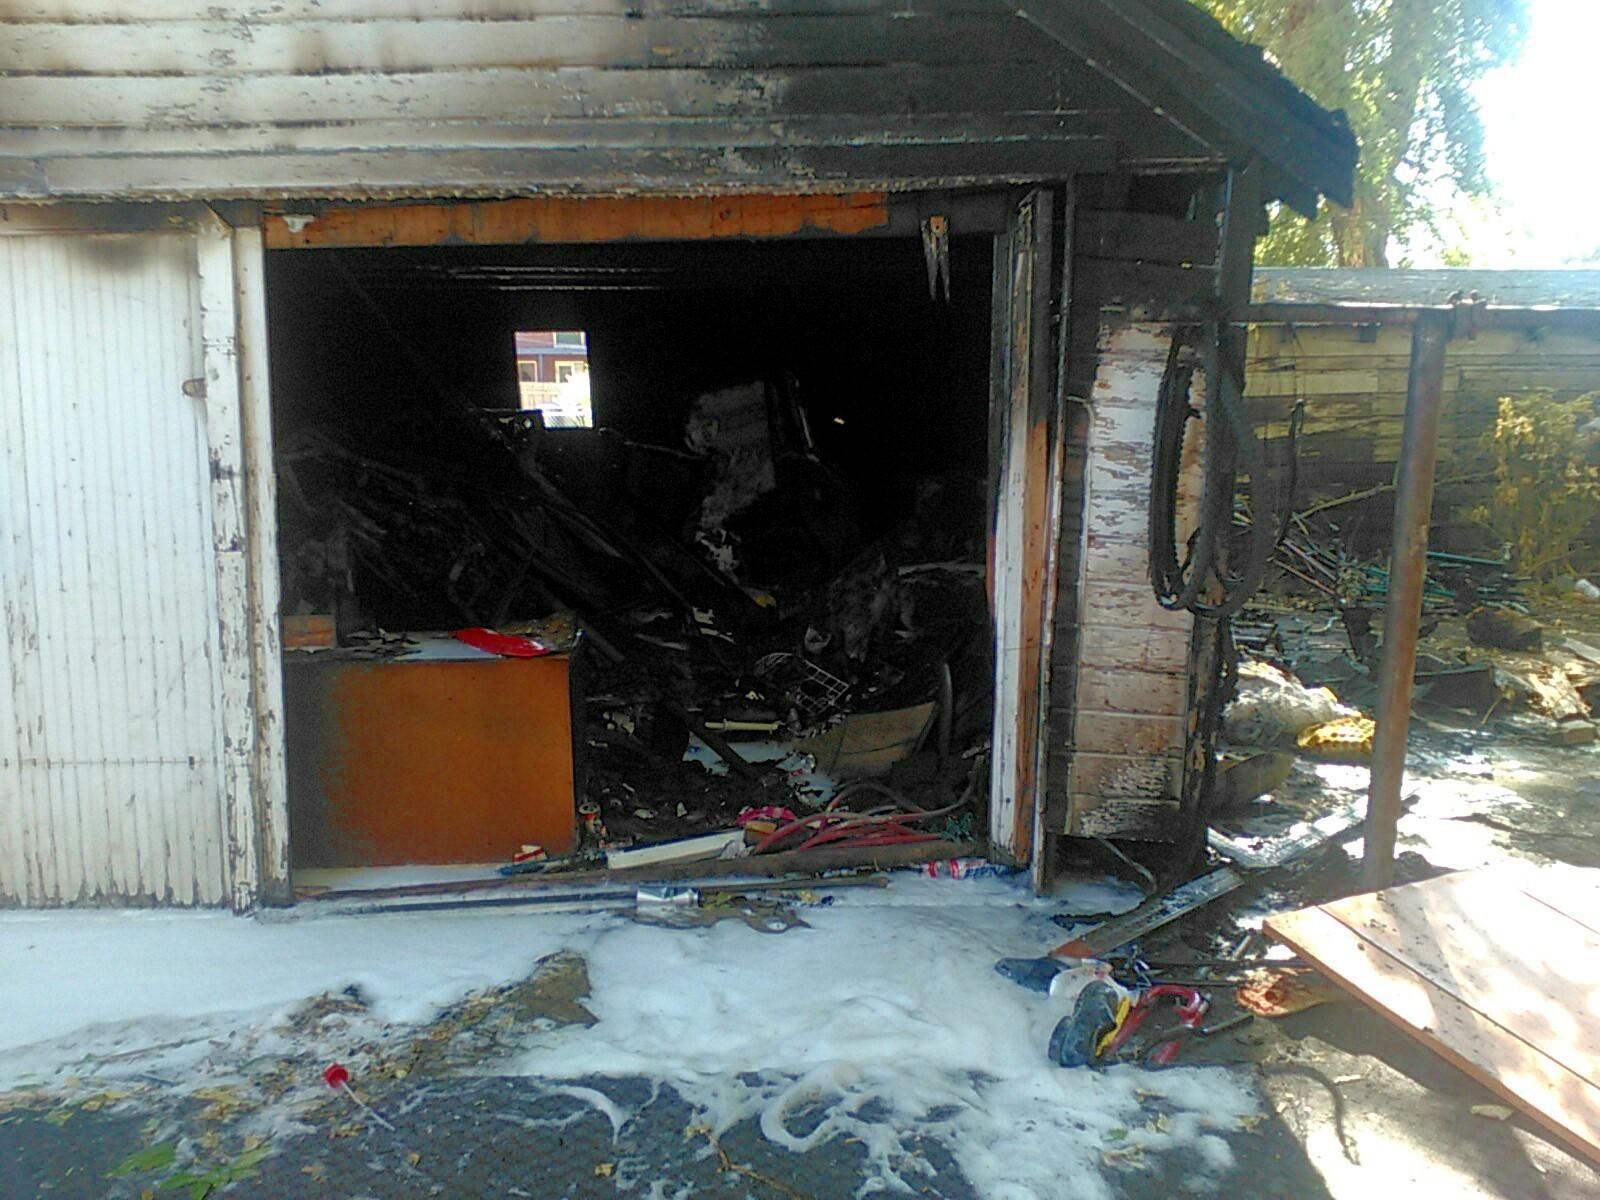 Slc fire battles blaze in detached garage gephardt daily for Detached garage utah